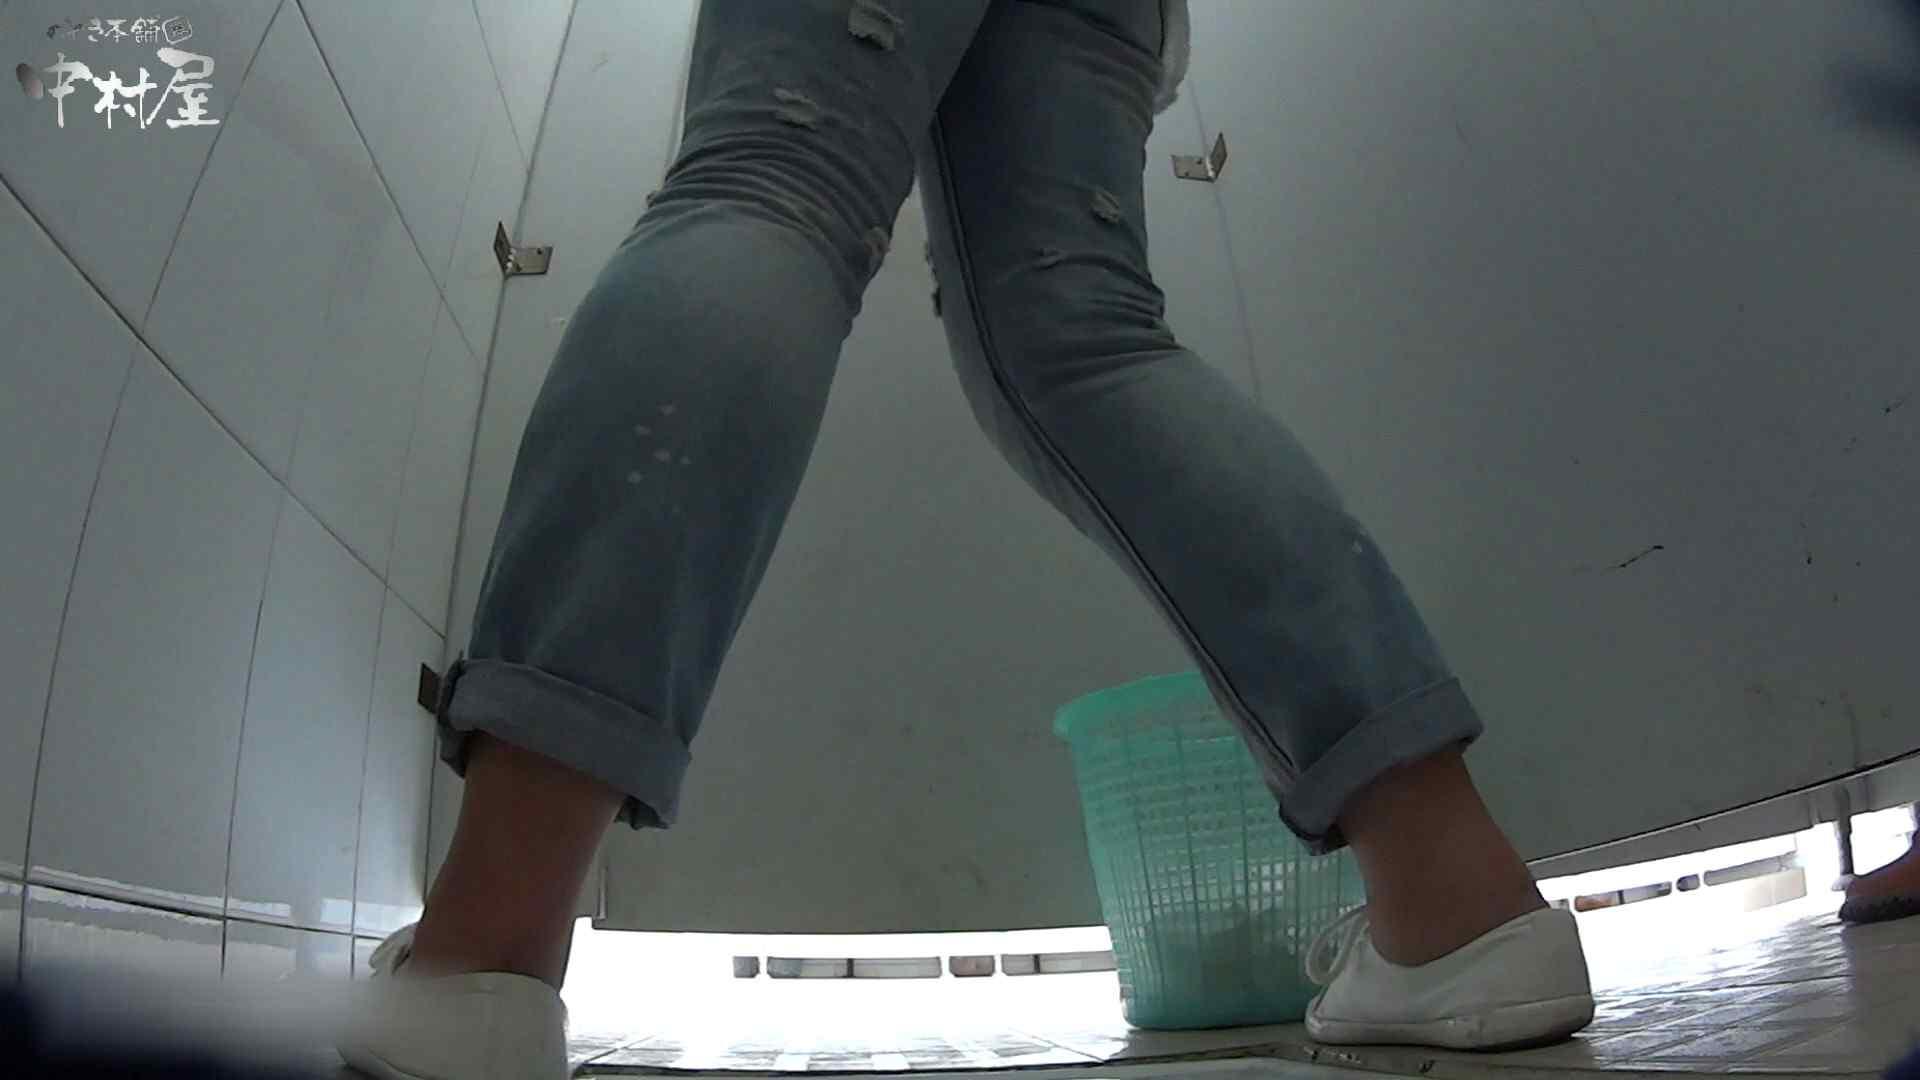 美しい女良たちのトイレ事情 有名大学休憩時間の洗面所事情06 お姉さんヌード 隠し撮りオマンコ動画紹介 110画像 39